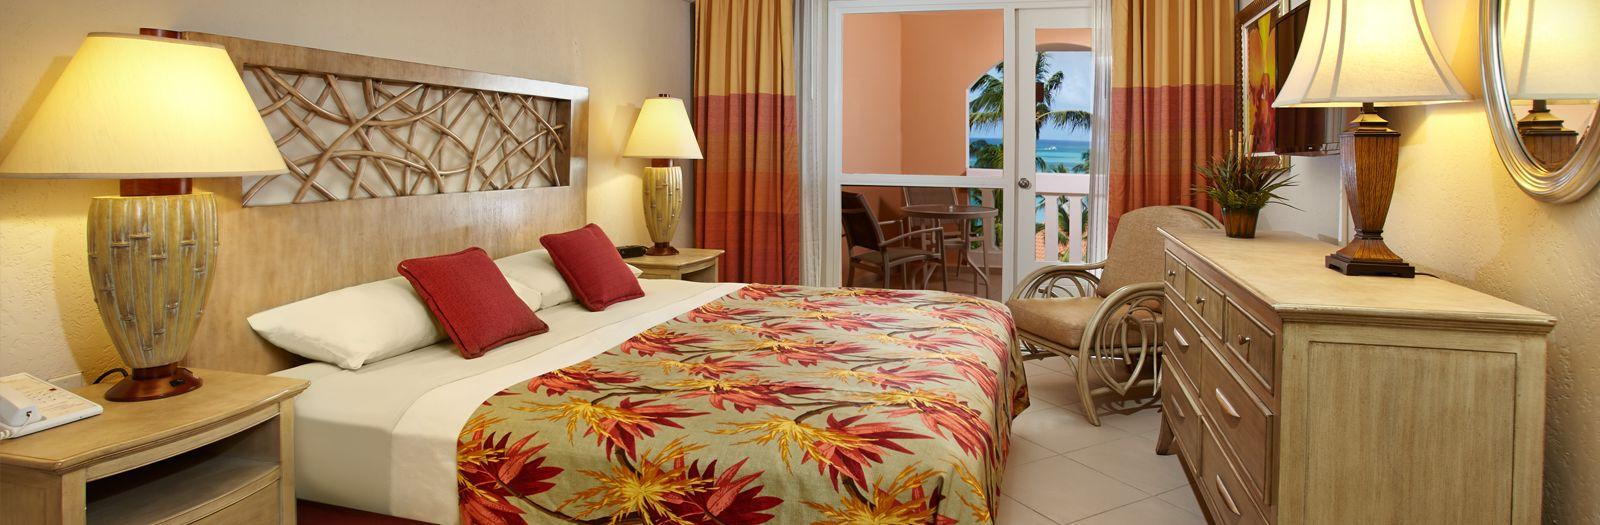 Playa Linda Beach Resort image